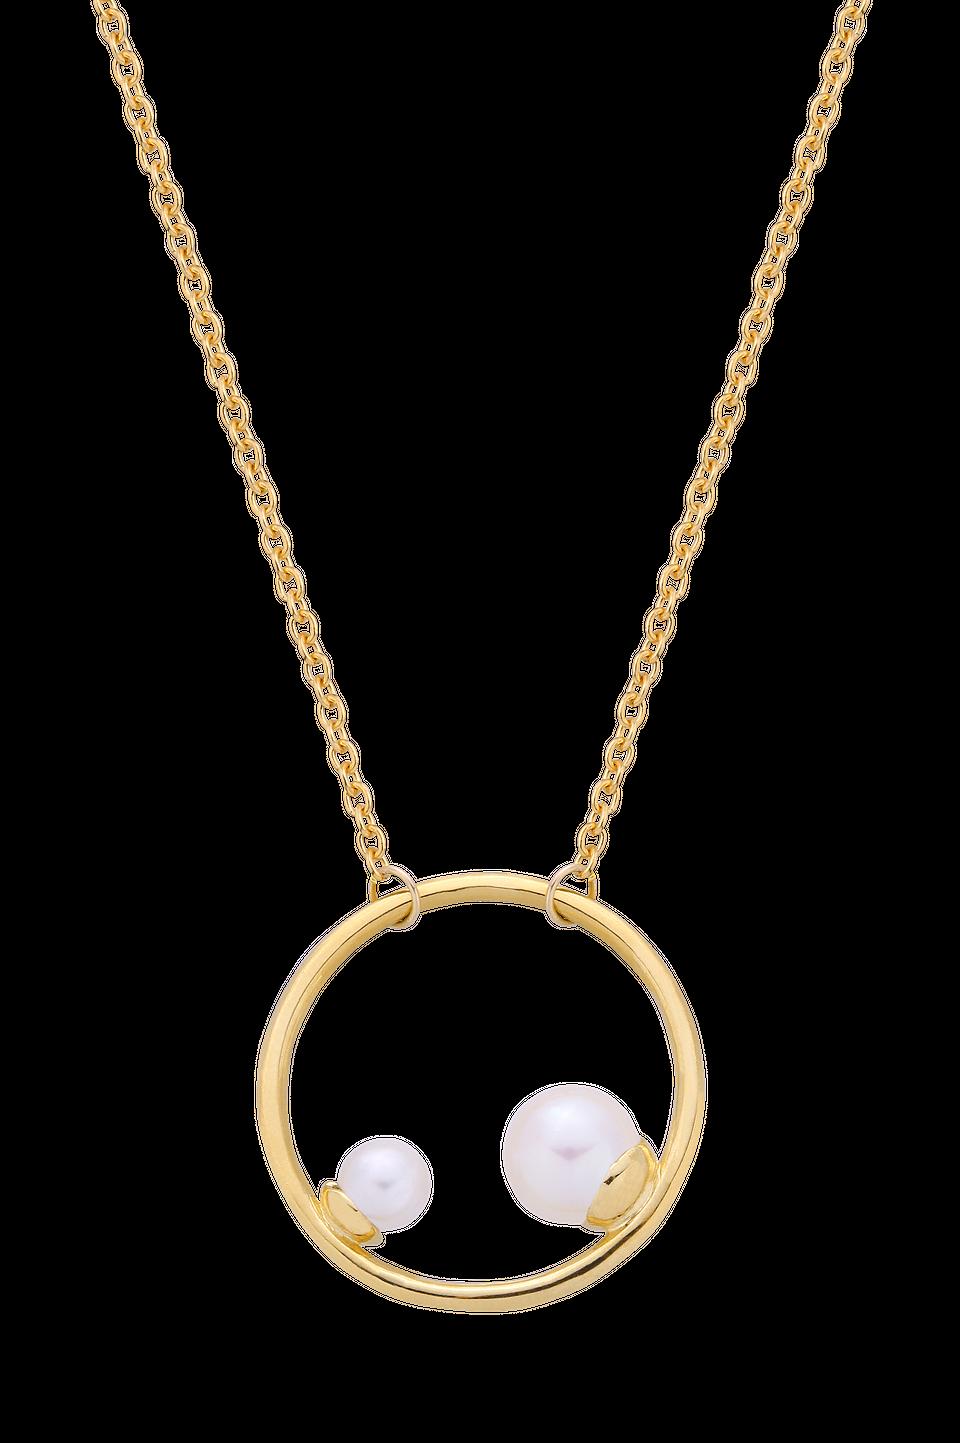 Naszyjnik z dwiema perłami w kole, 560 zł